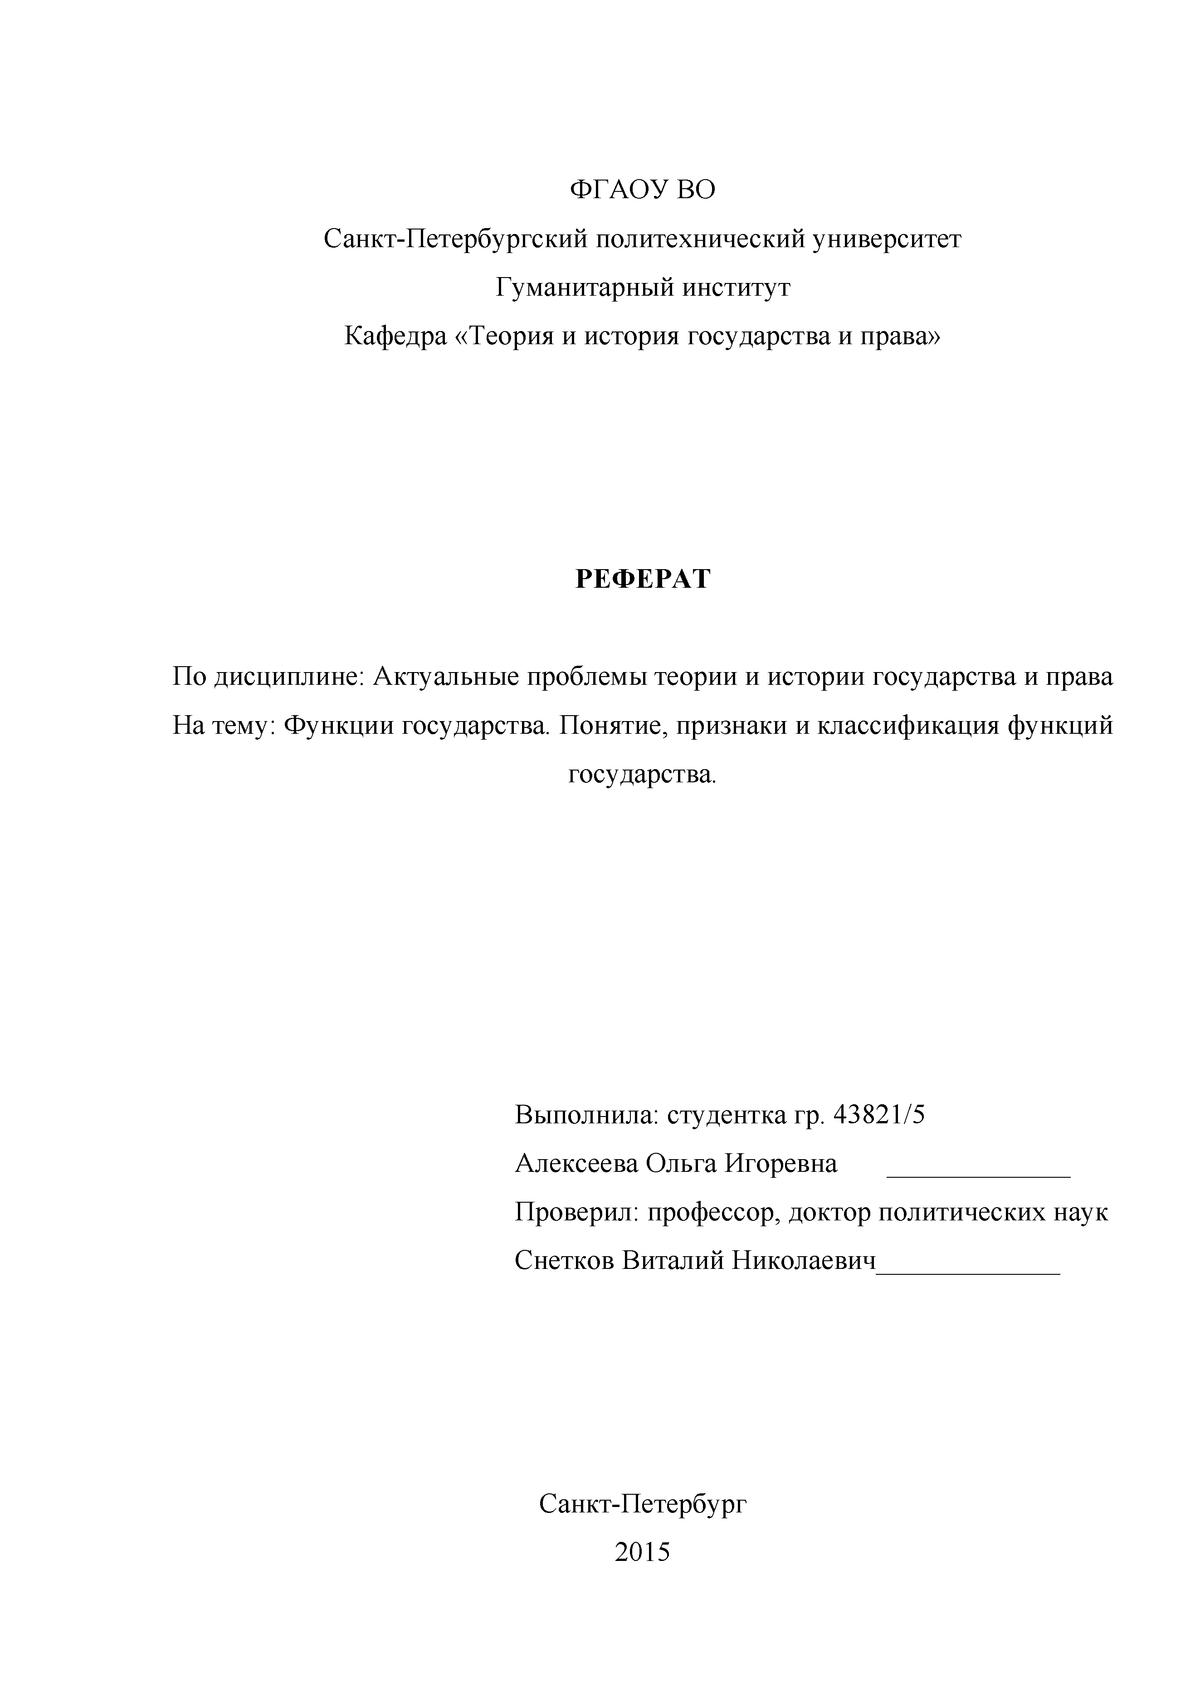 Федерация понятие виды и признаки реферат 368